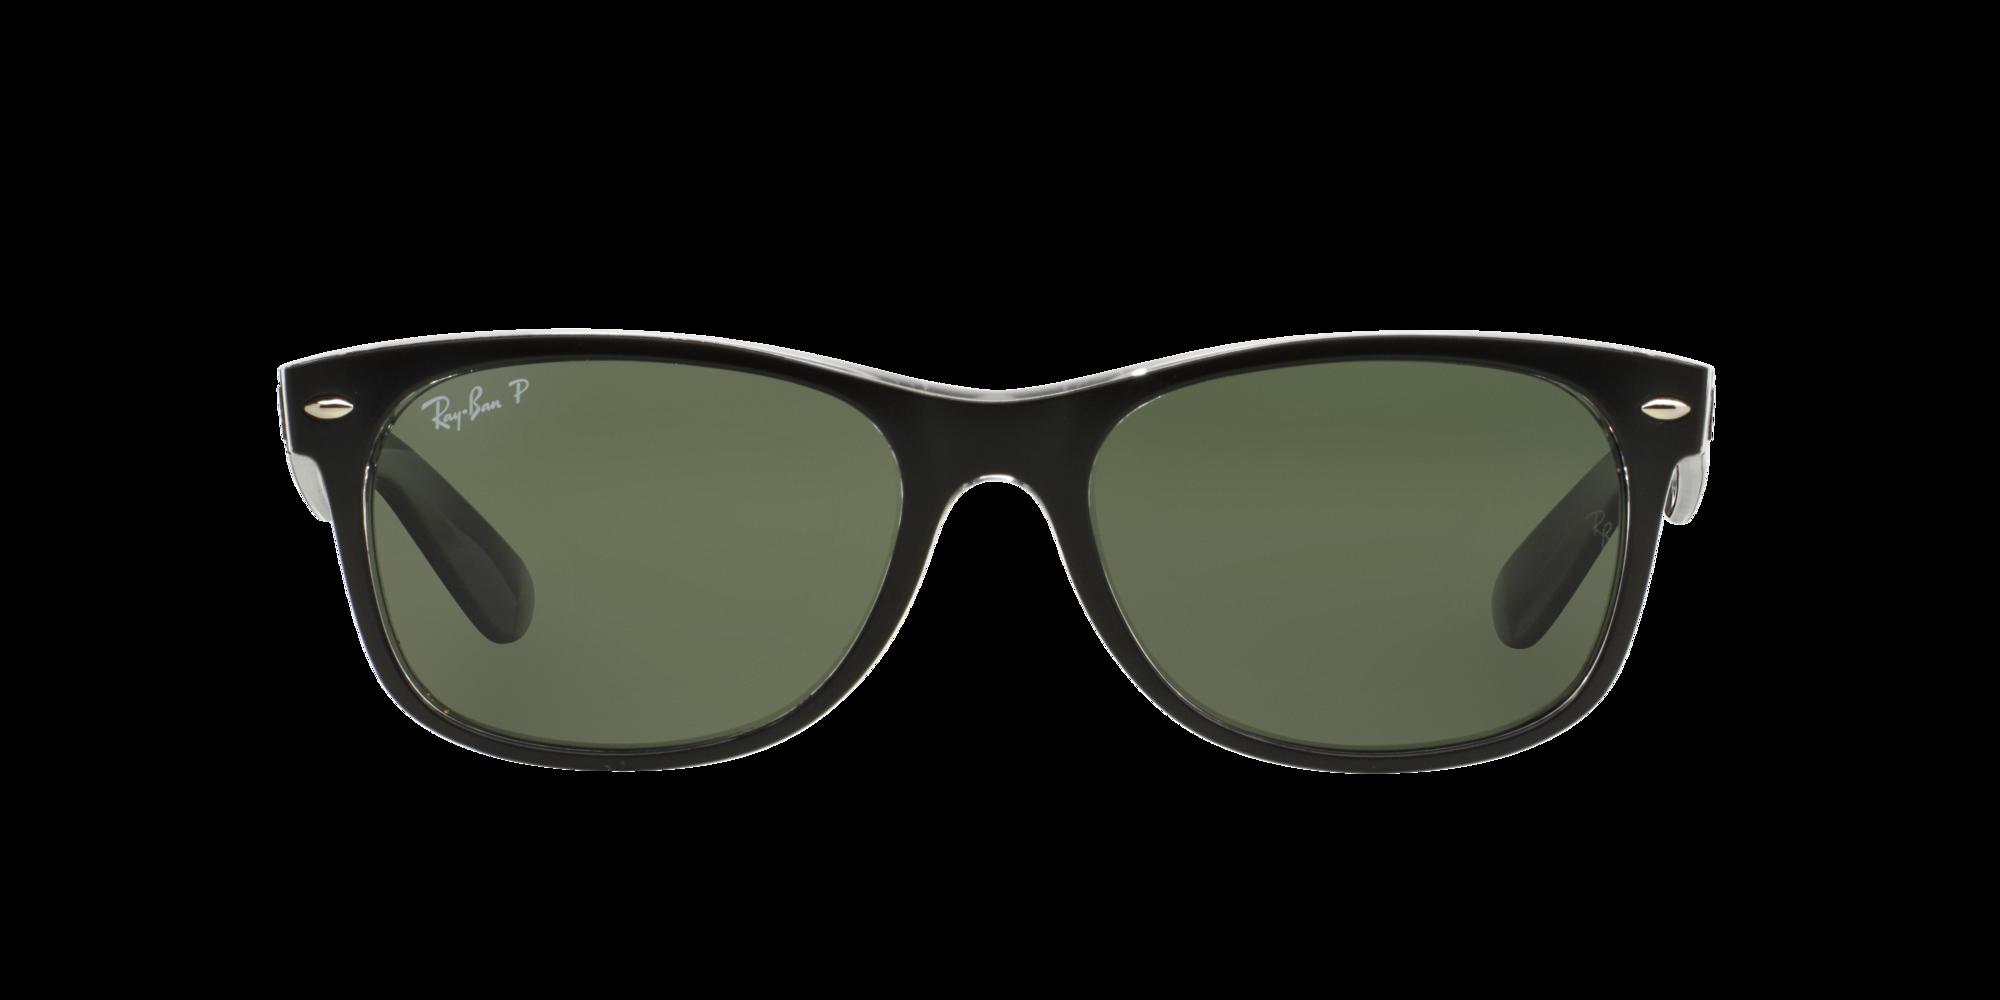 Imagen para RB2132 55 NEW WAYFARER de LensCrafters |  Espejuelos, espejuelos graduados en línea, gafas